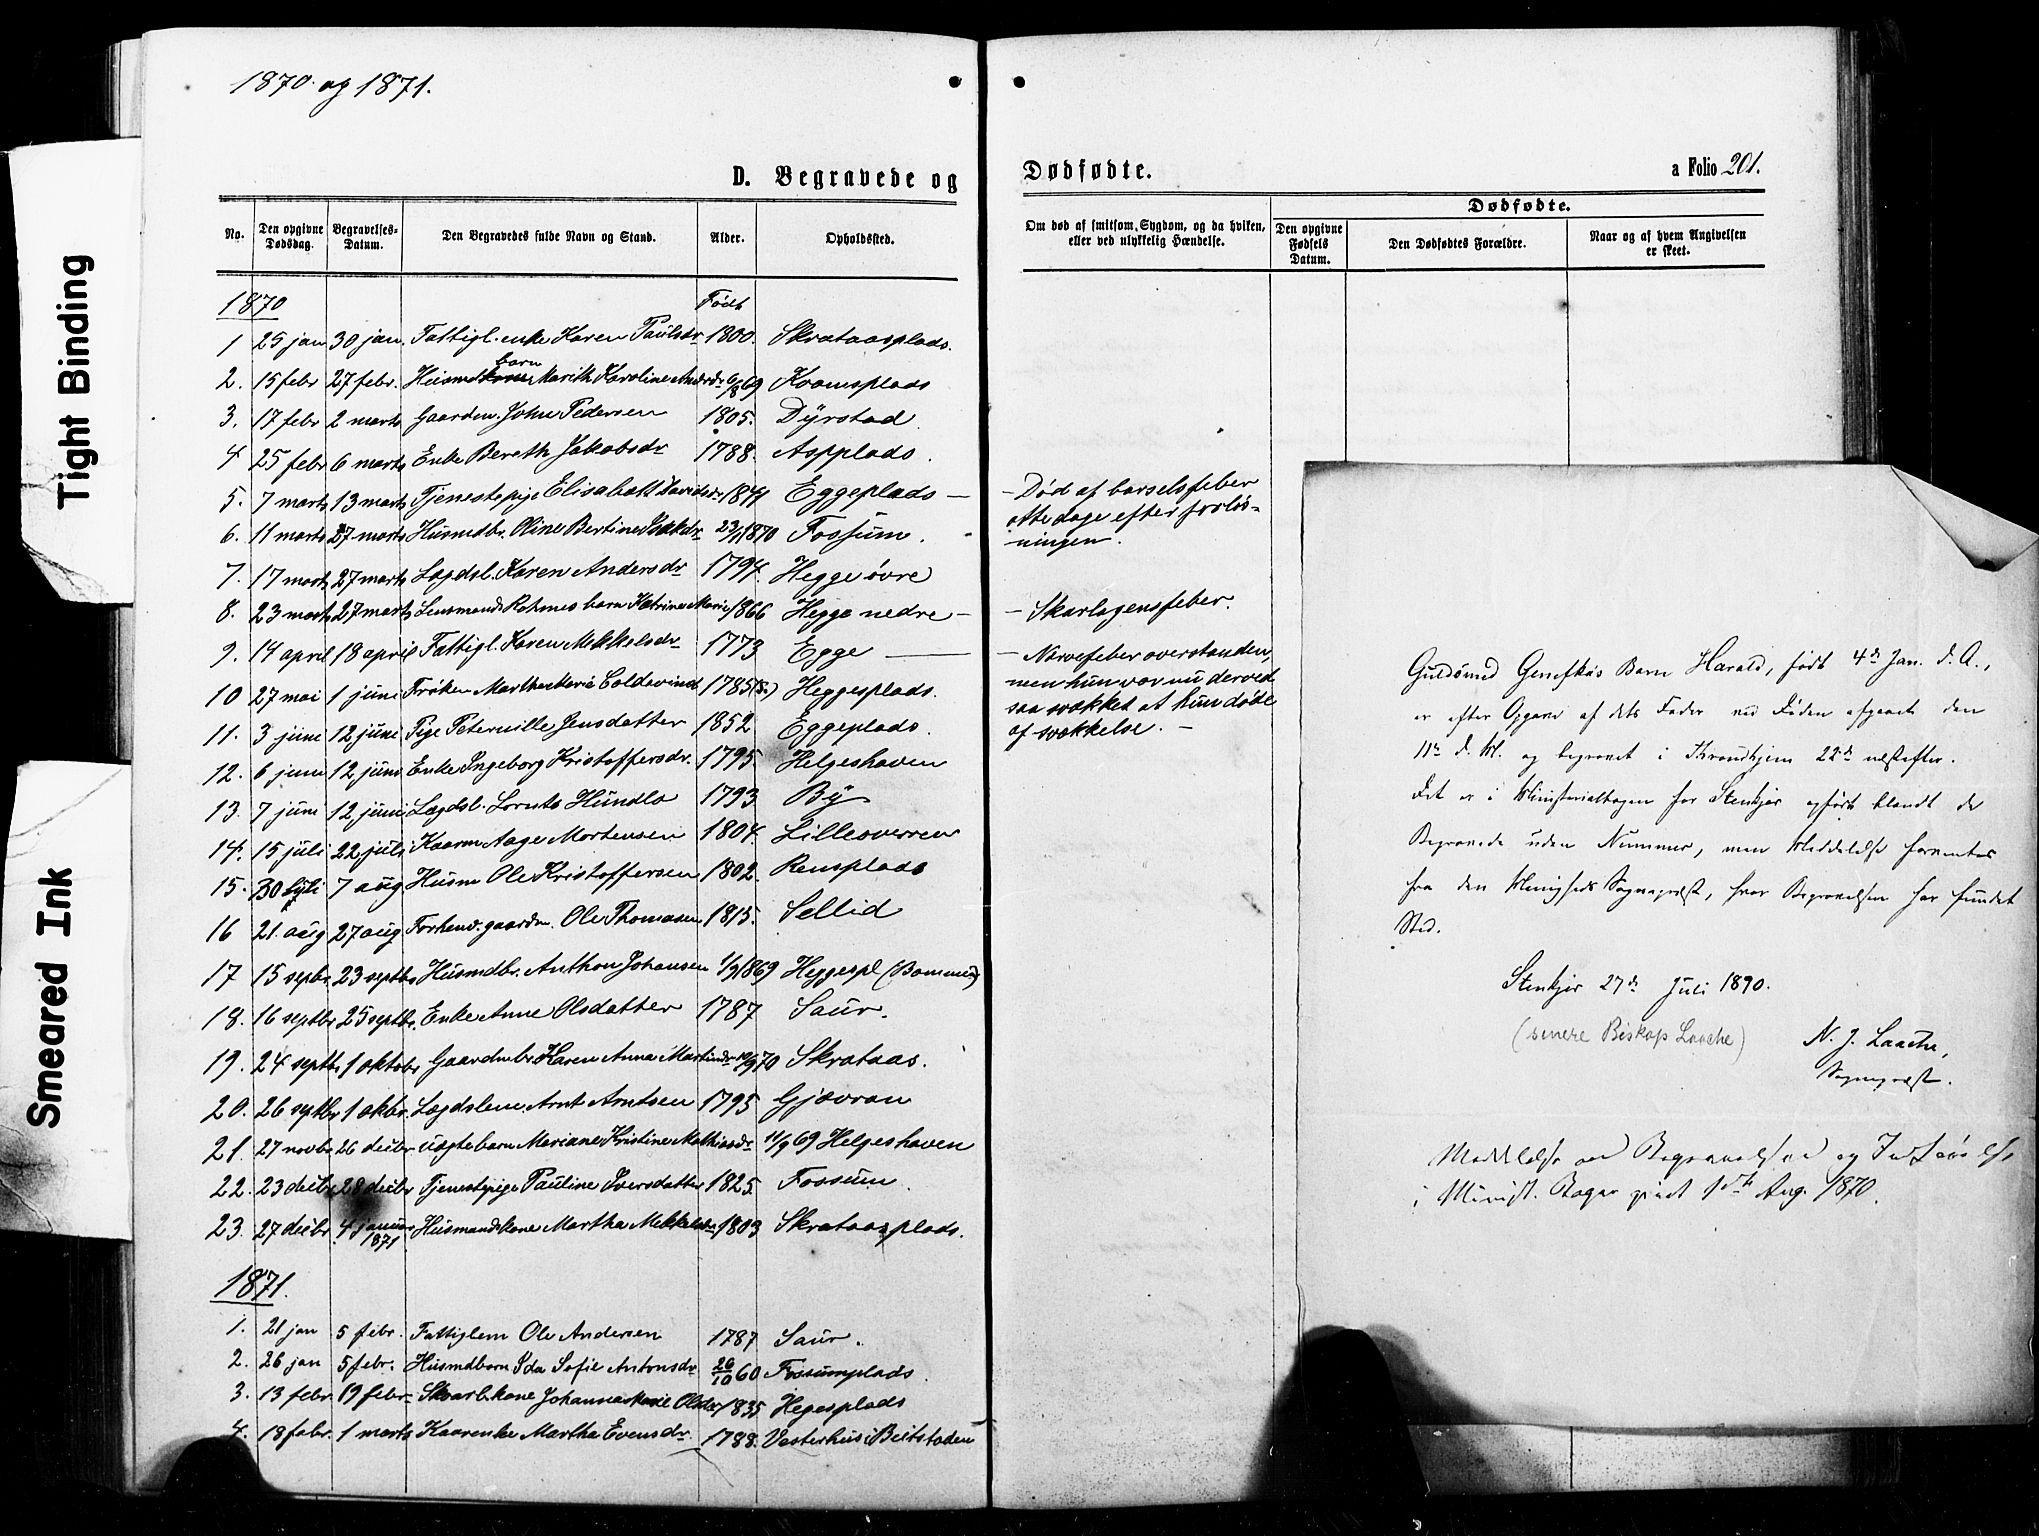 SAT, Ministerialprotokoller, klokkerbøker og fødselsregistre - Nord-Trøndelag, 740/L0380: Klokkerbok nr. 740C01, 1868-1902, s. 201